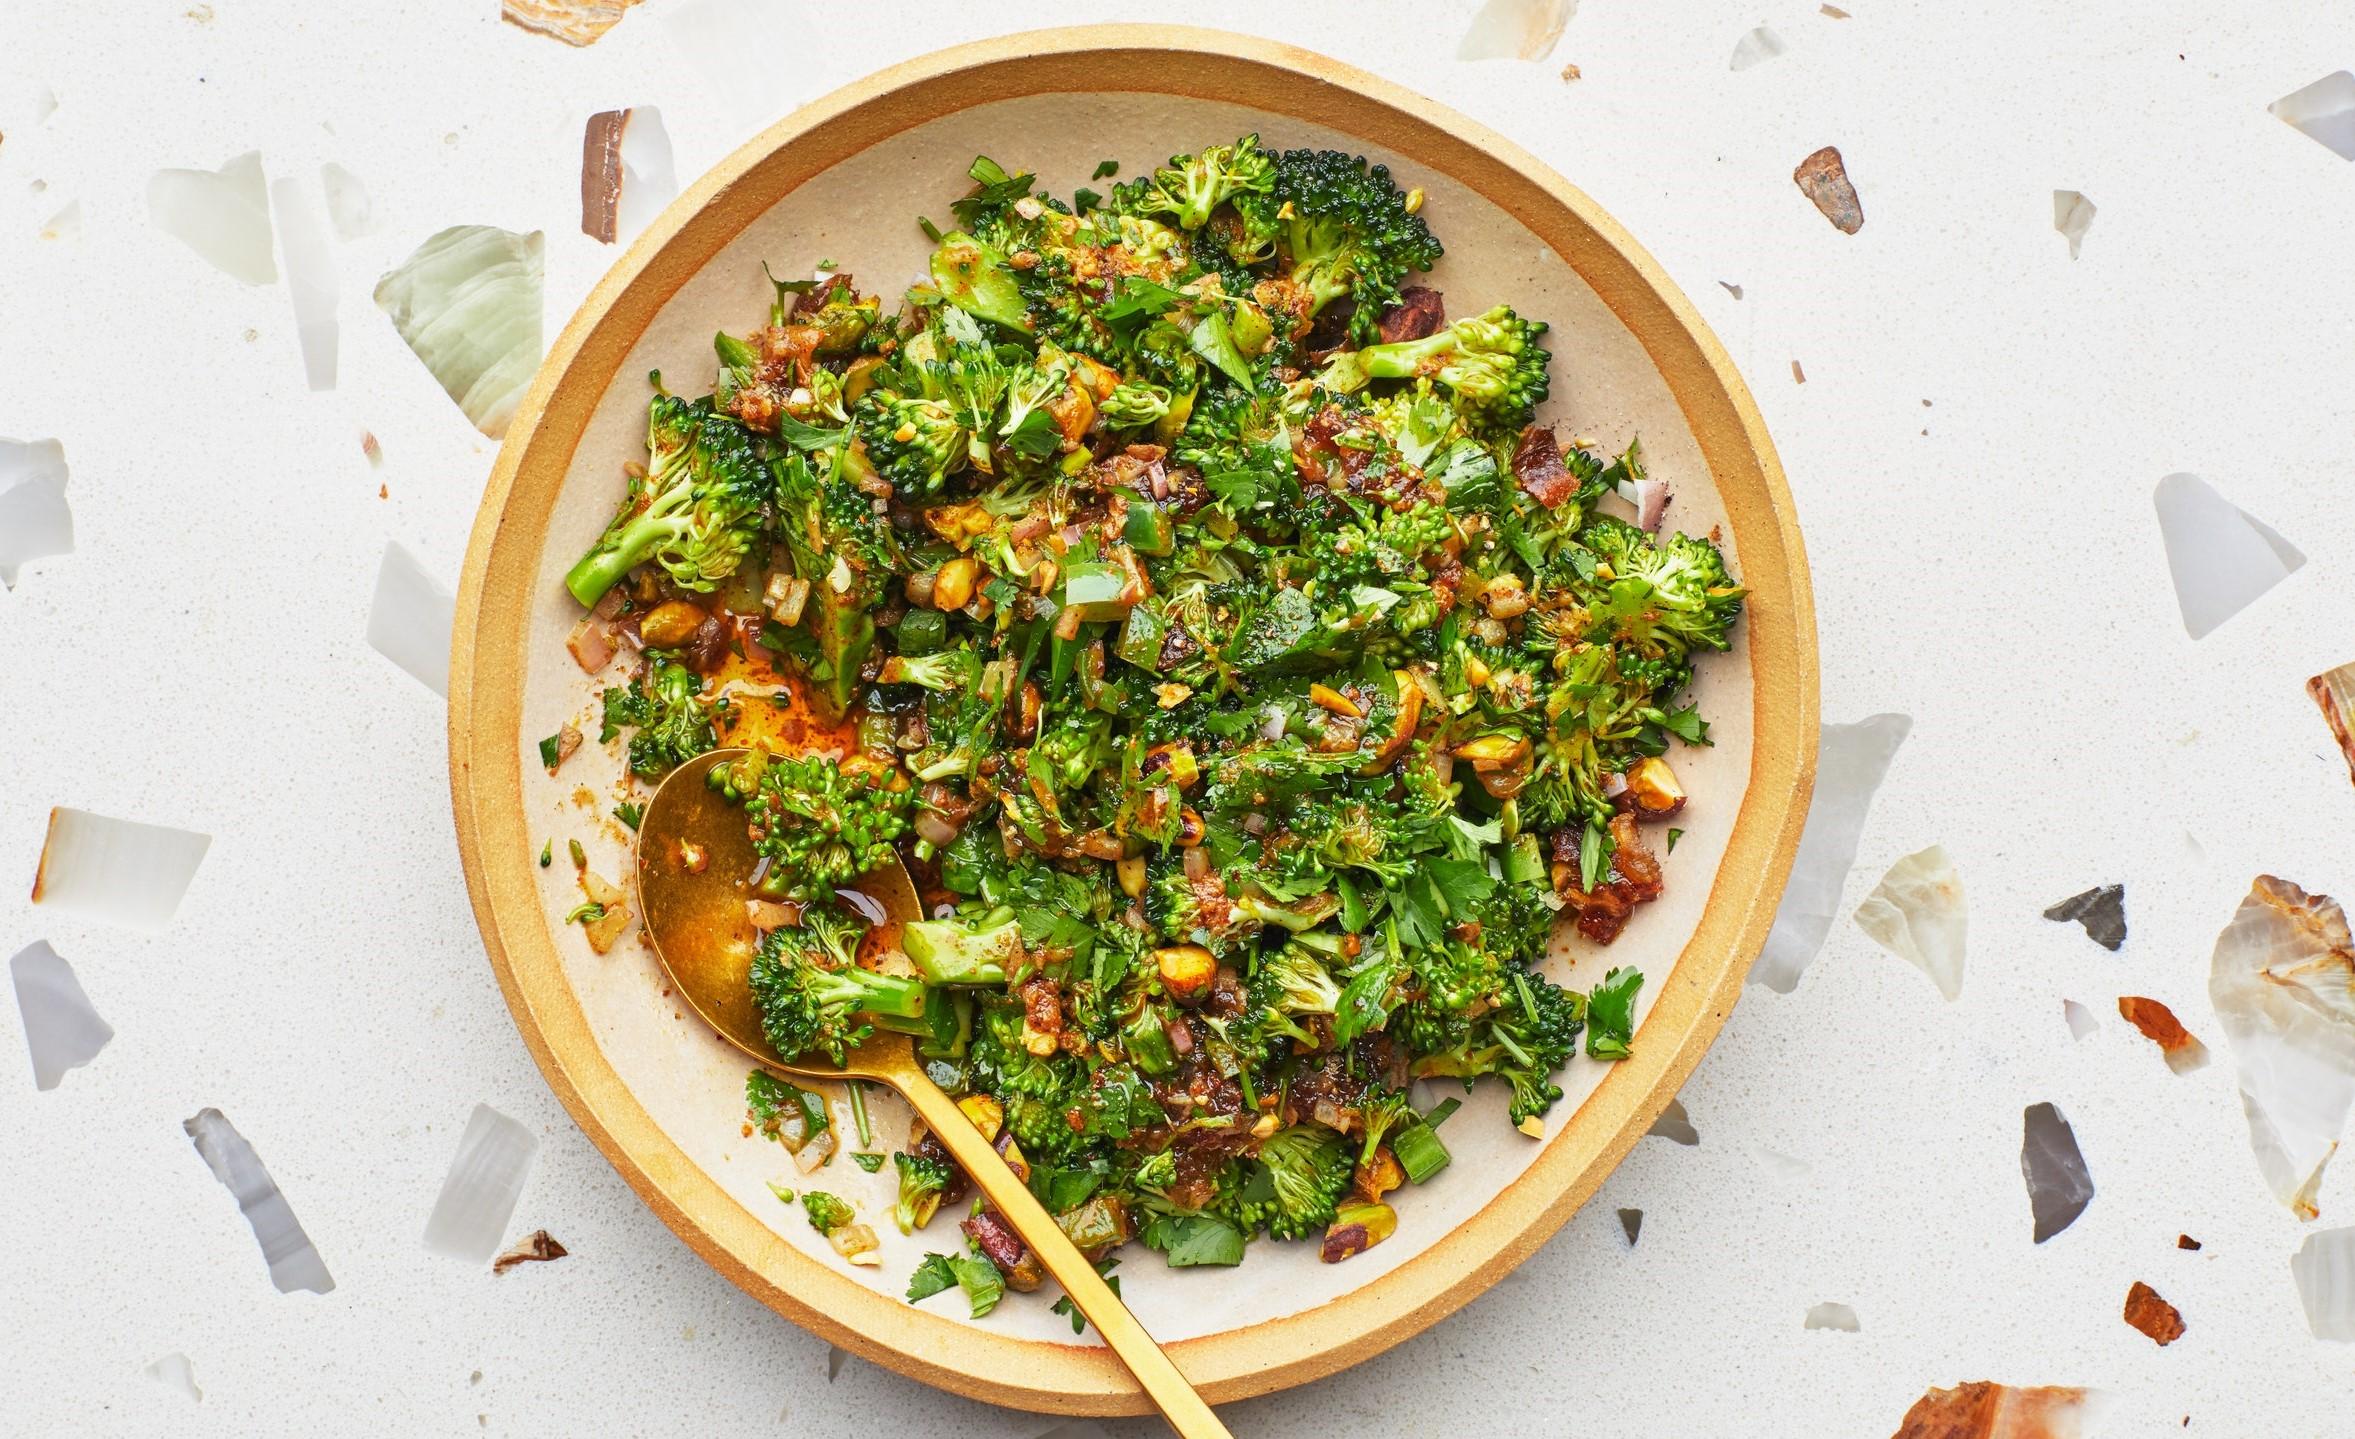 Broccoli Salad With Warm Vinaigrette